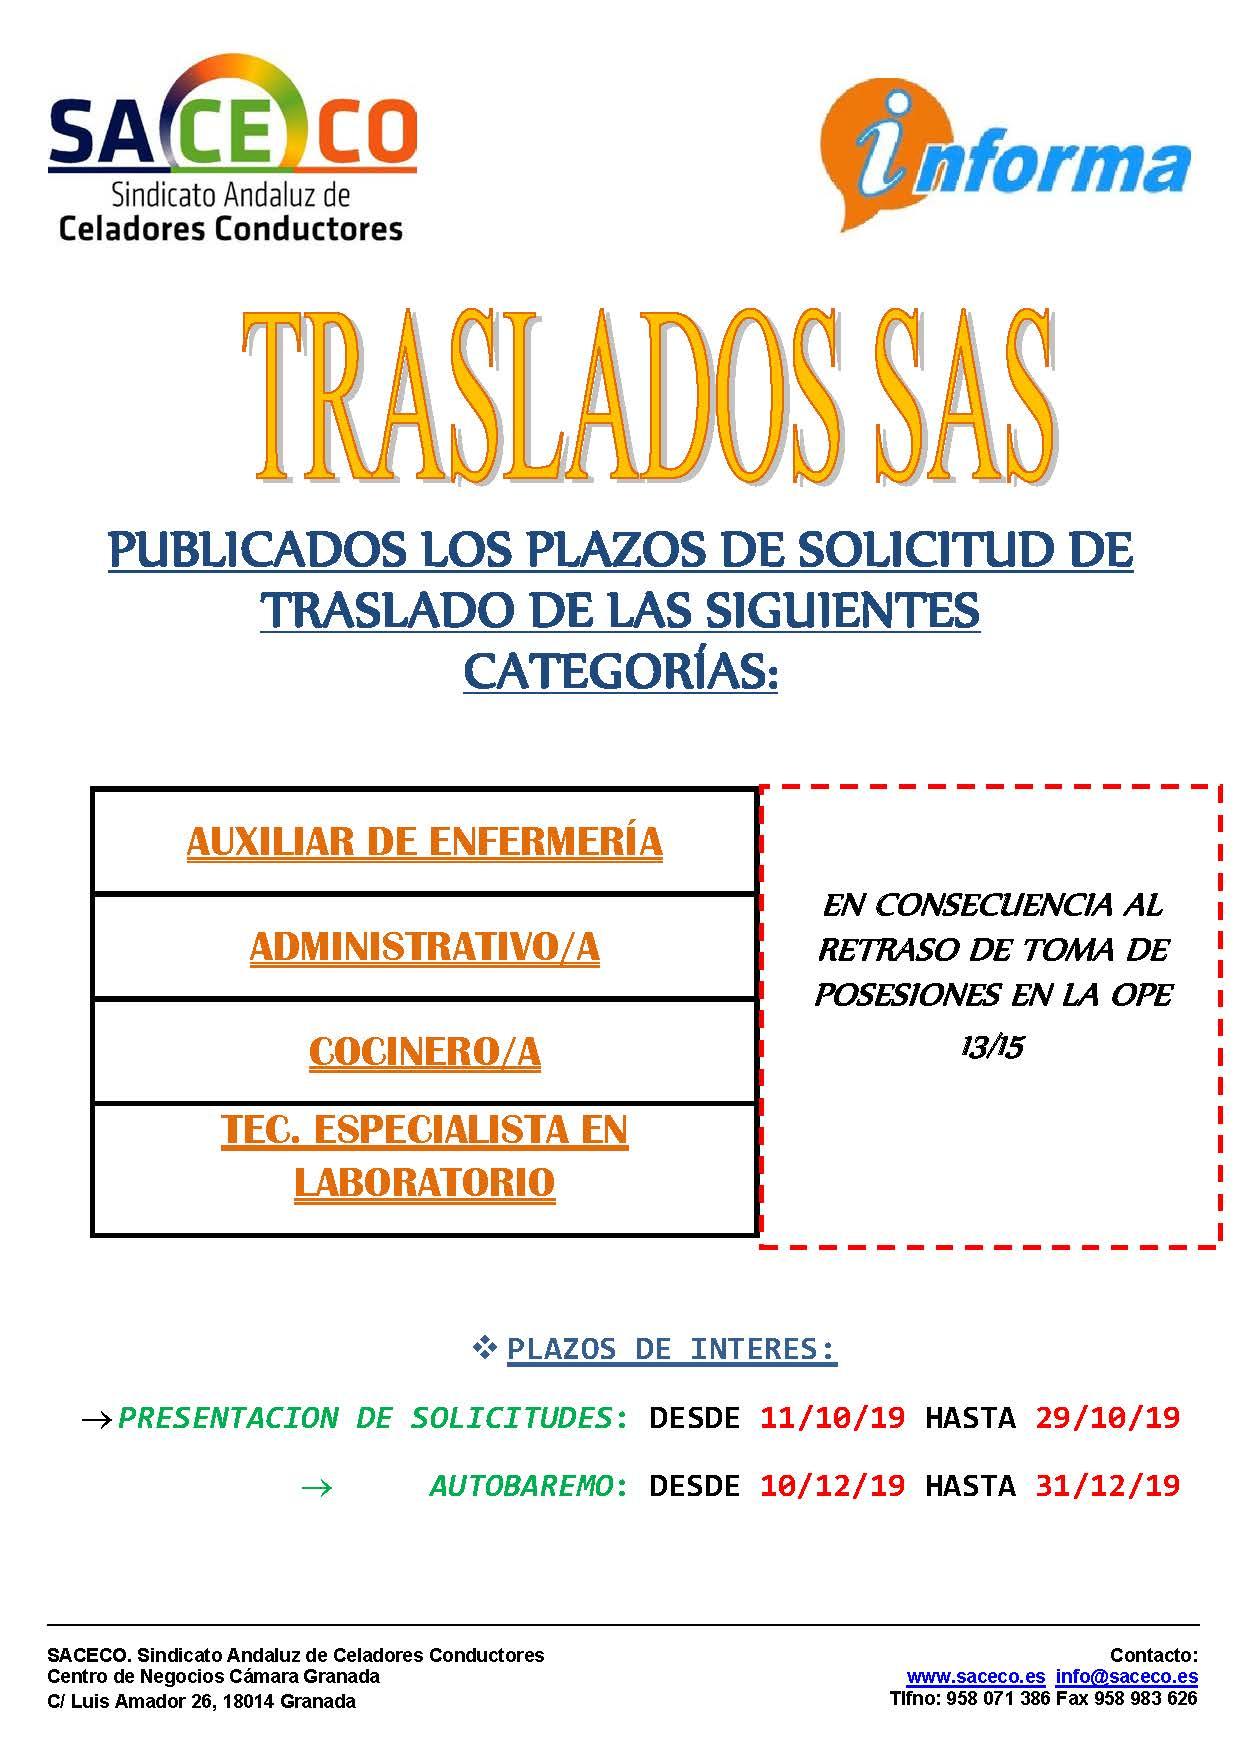 PUBLICADOS LOS PLAZOS DE SOLICITUD DE TRASLADO DE LAS SIGUIENTES CATEGORÍAS